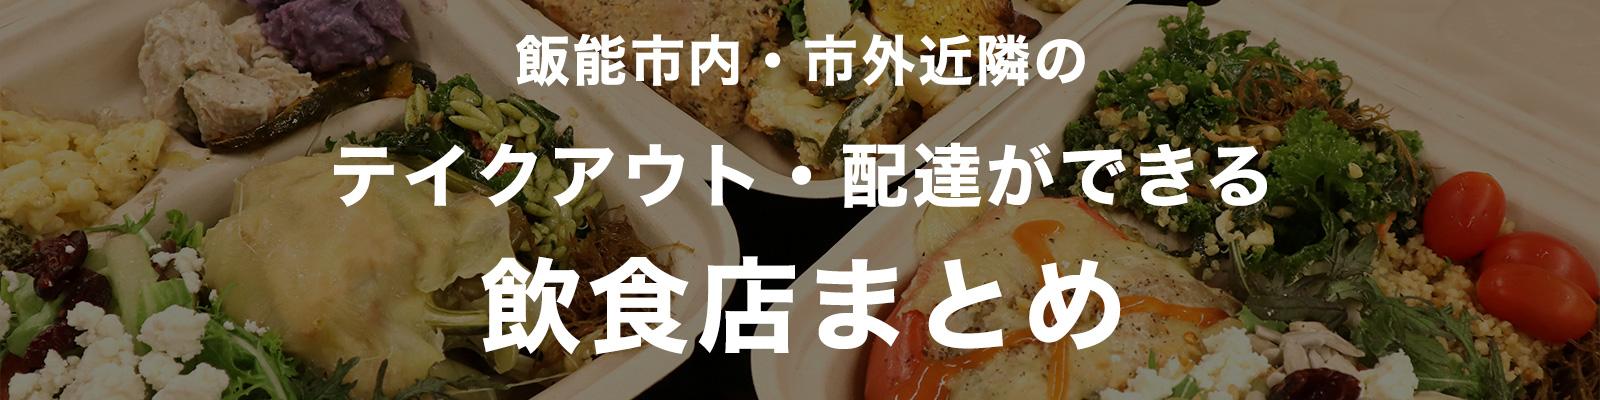 飯能市内・市外近隣の「テイクアウト(お持ち帰り)・配達」ができる飲食店まとめ!